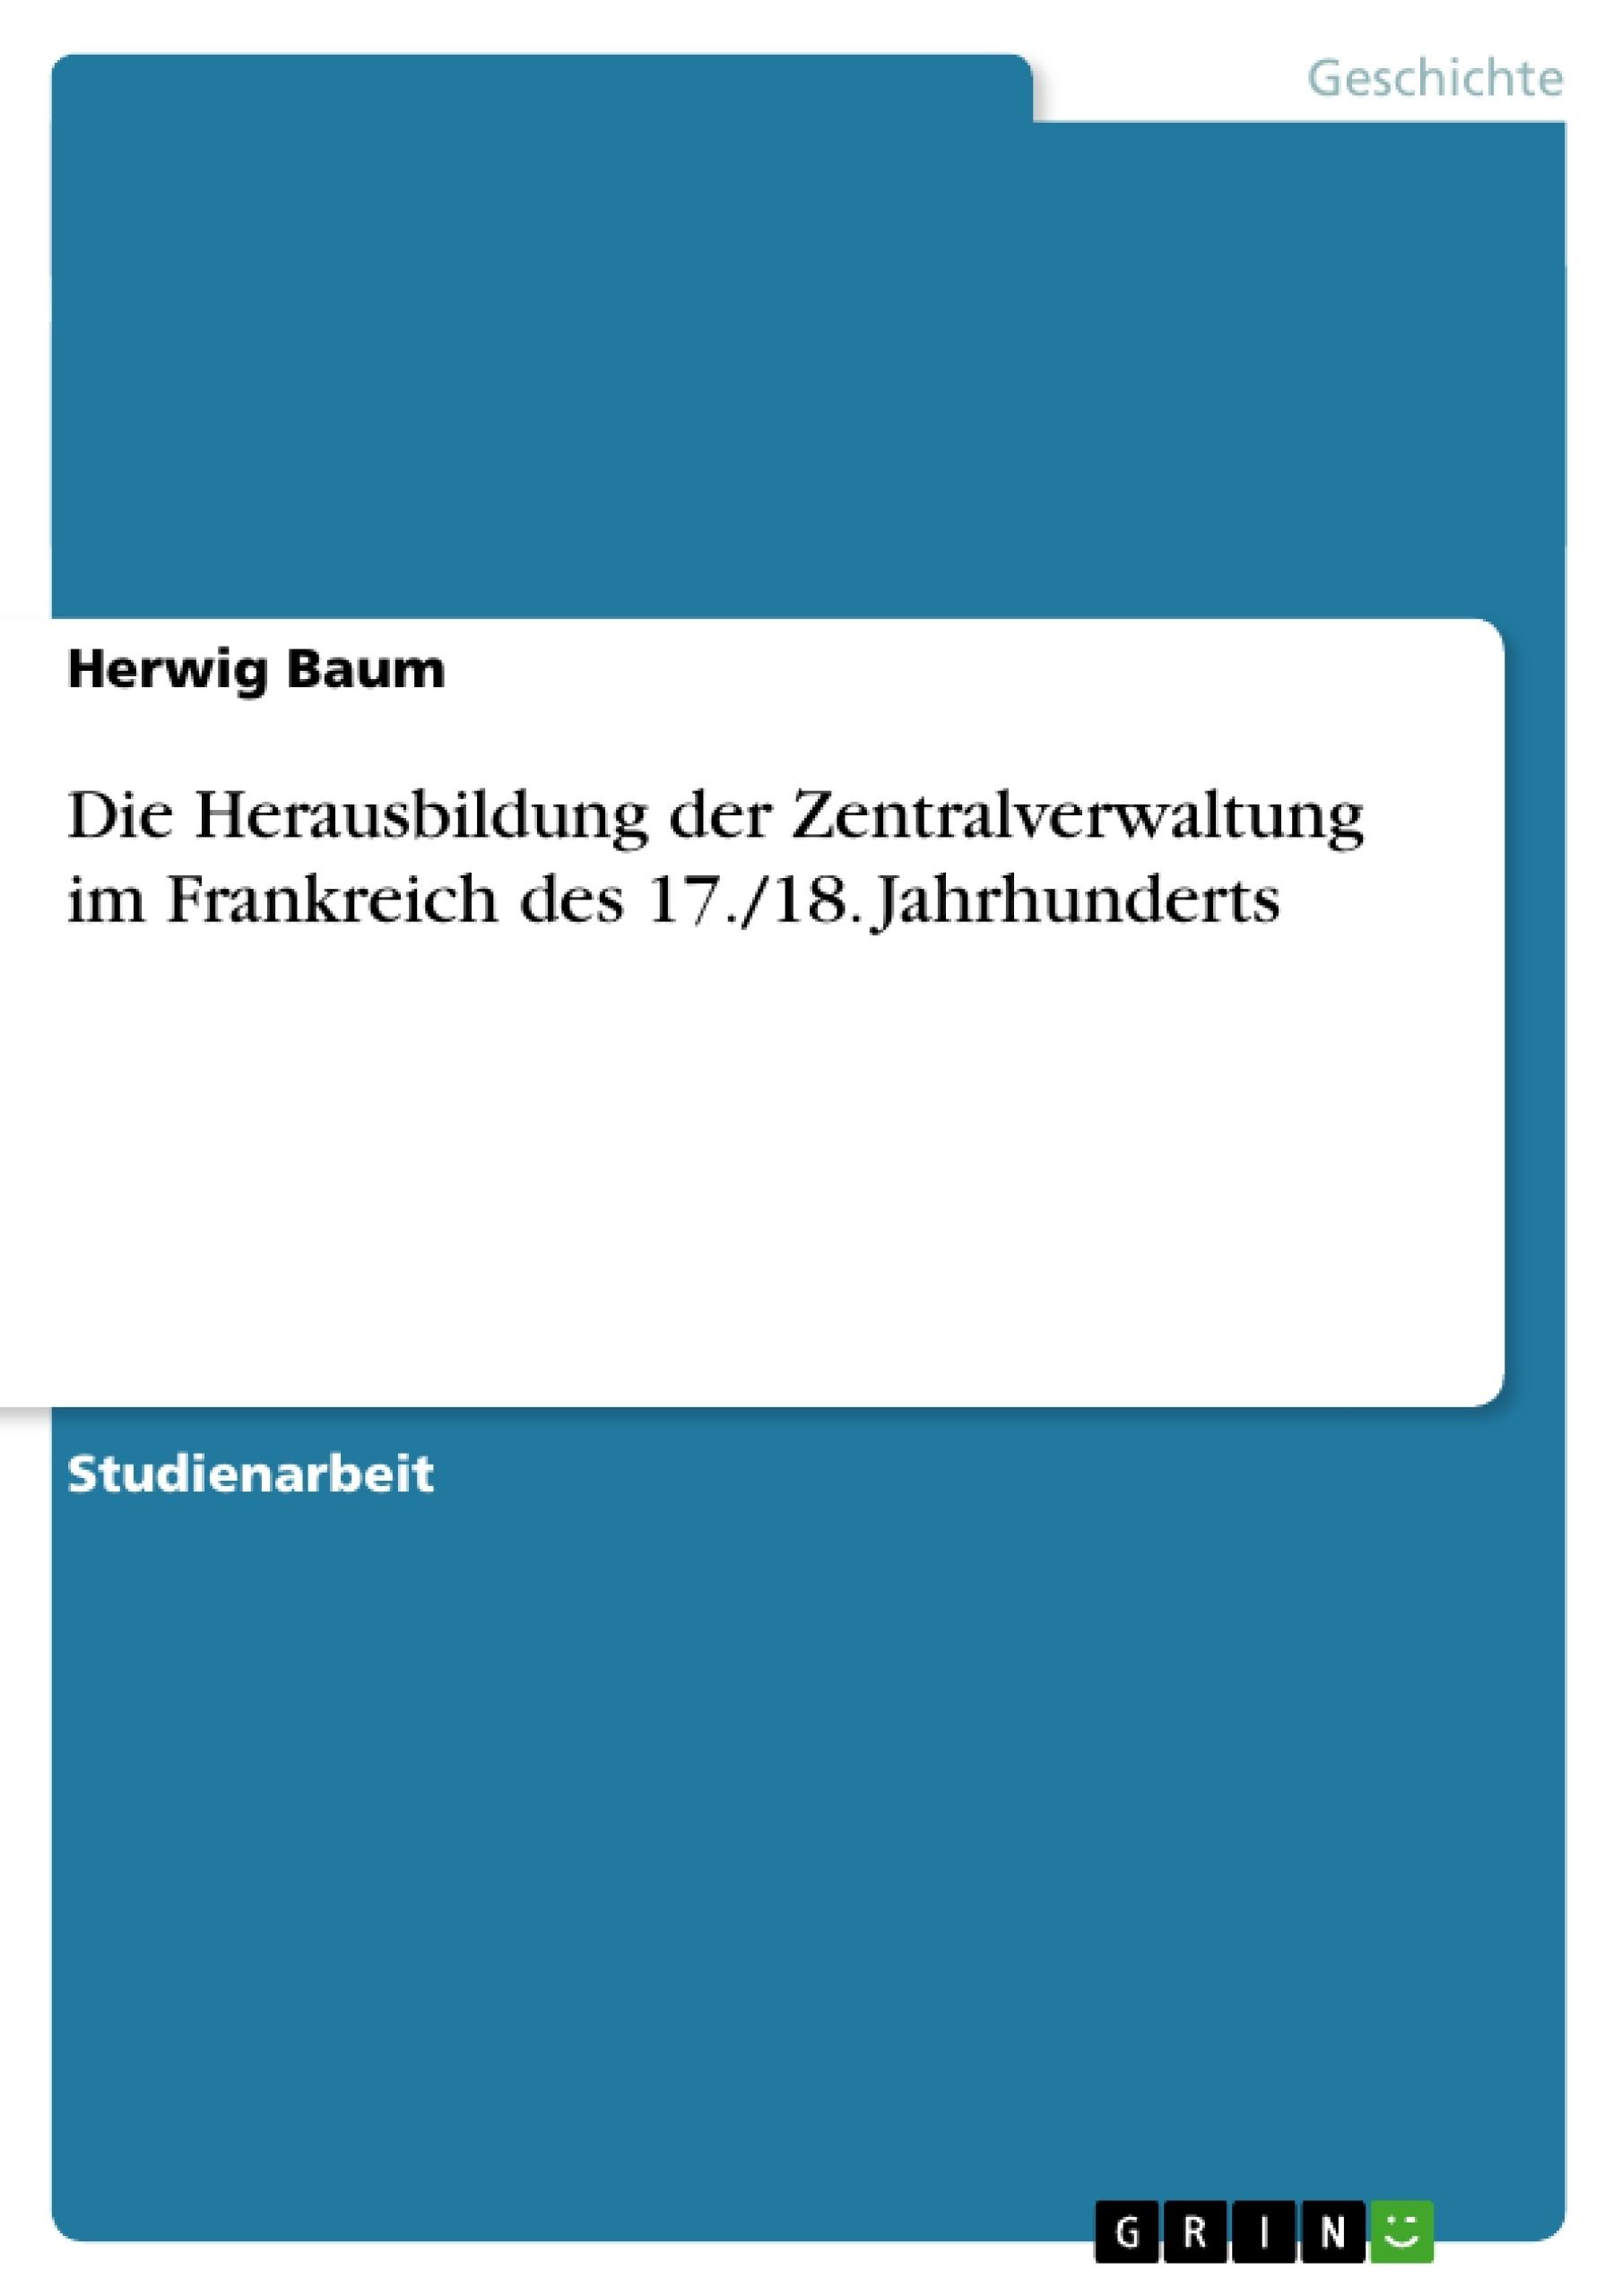 Titel: Die Herausbildung der Zentralverwaltung im Frankreich des 17./18. Jahrhunderts